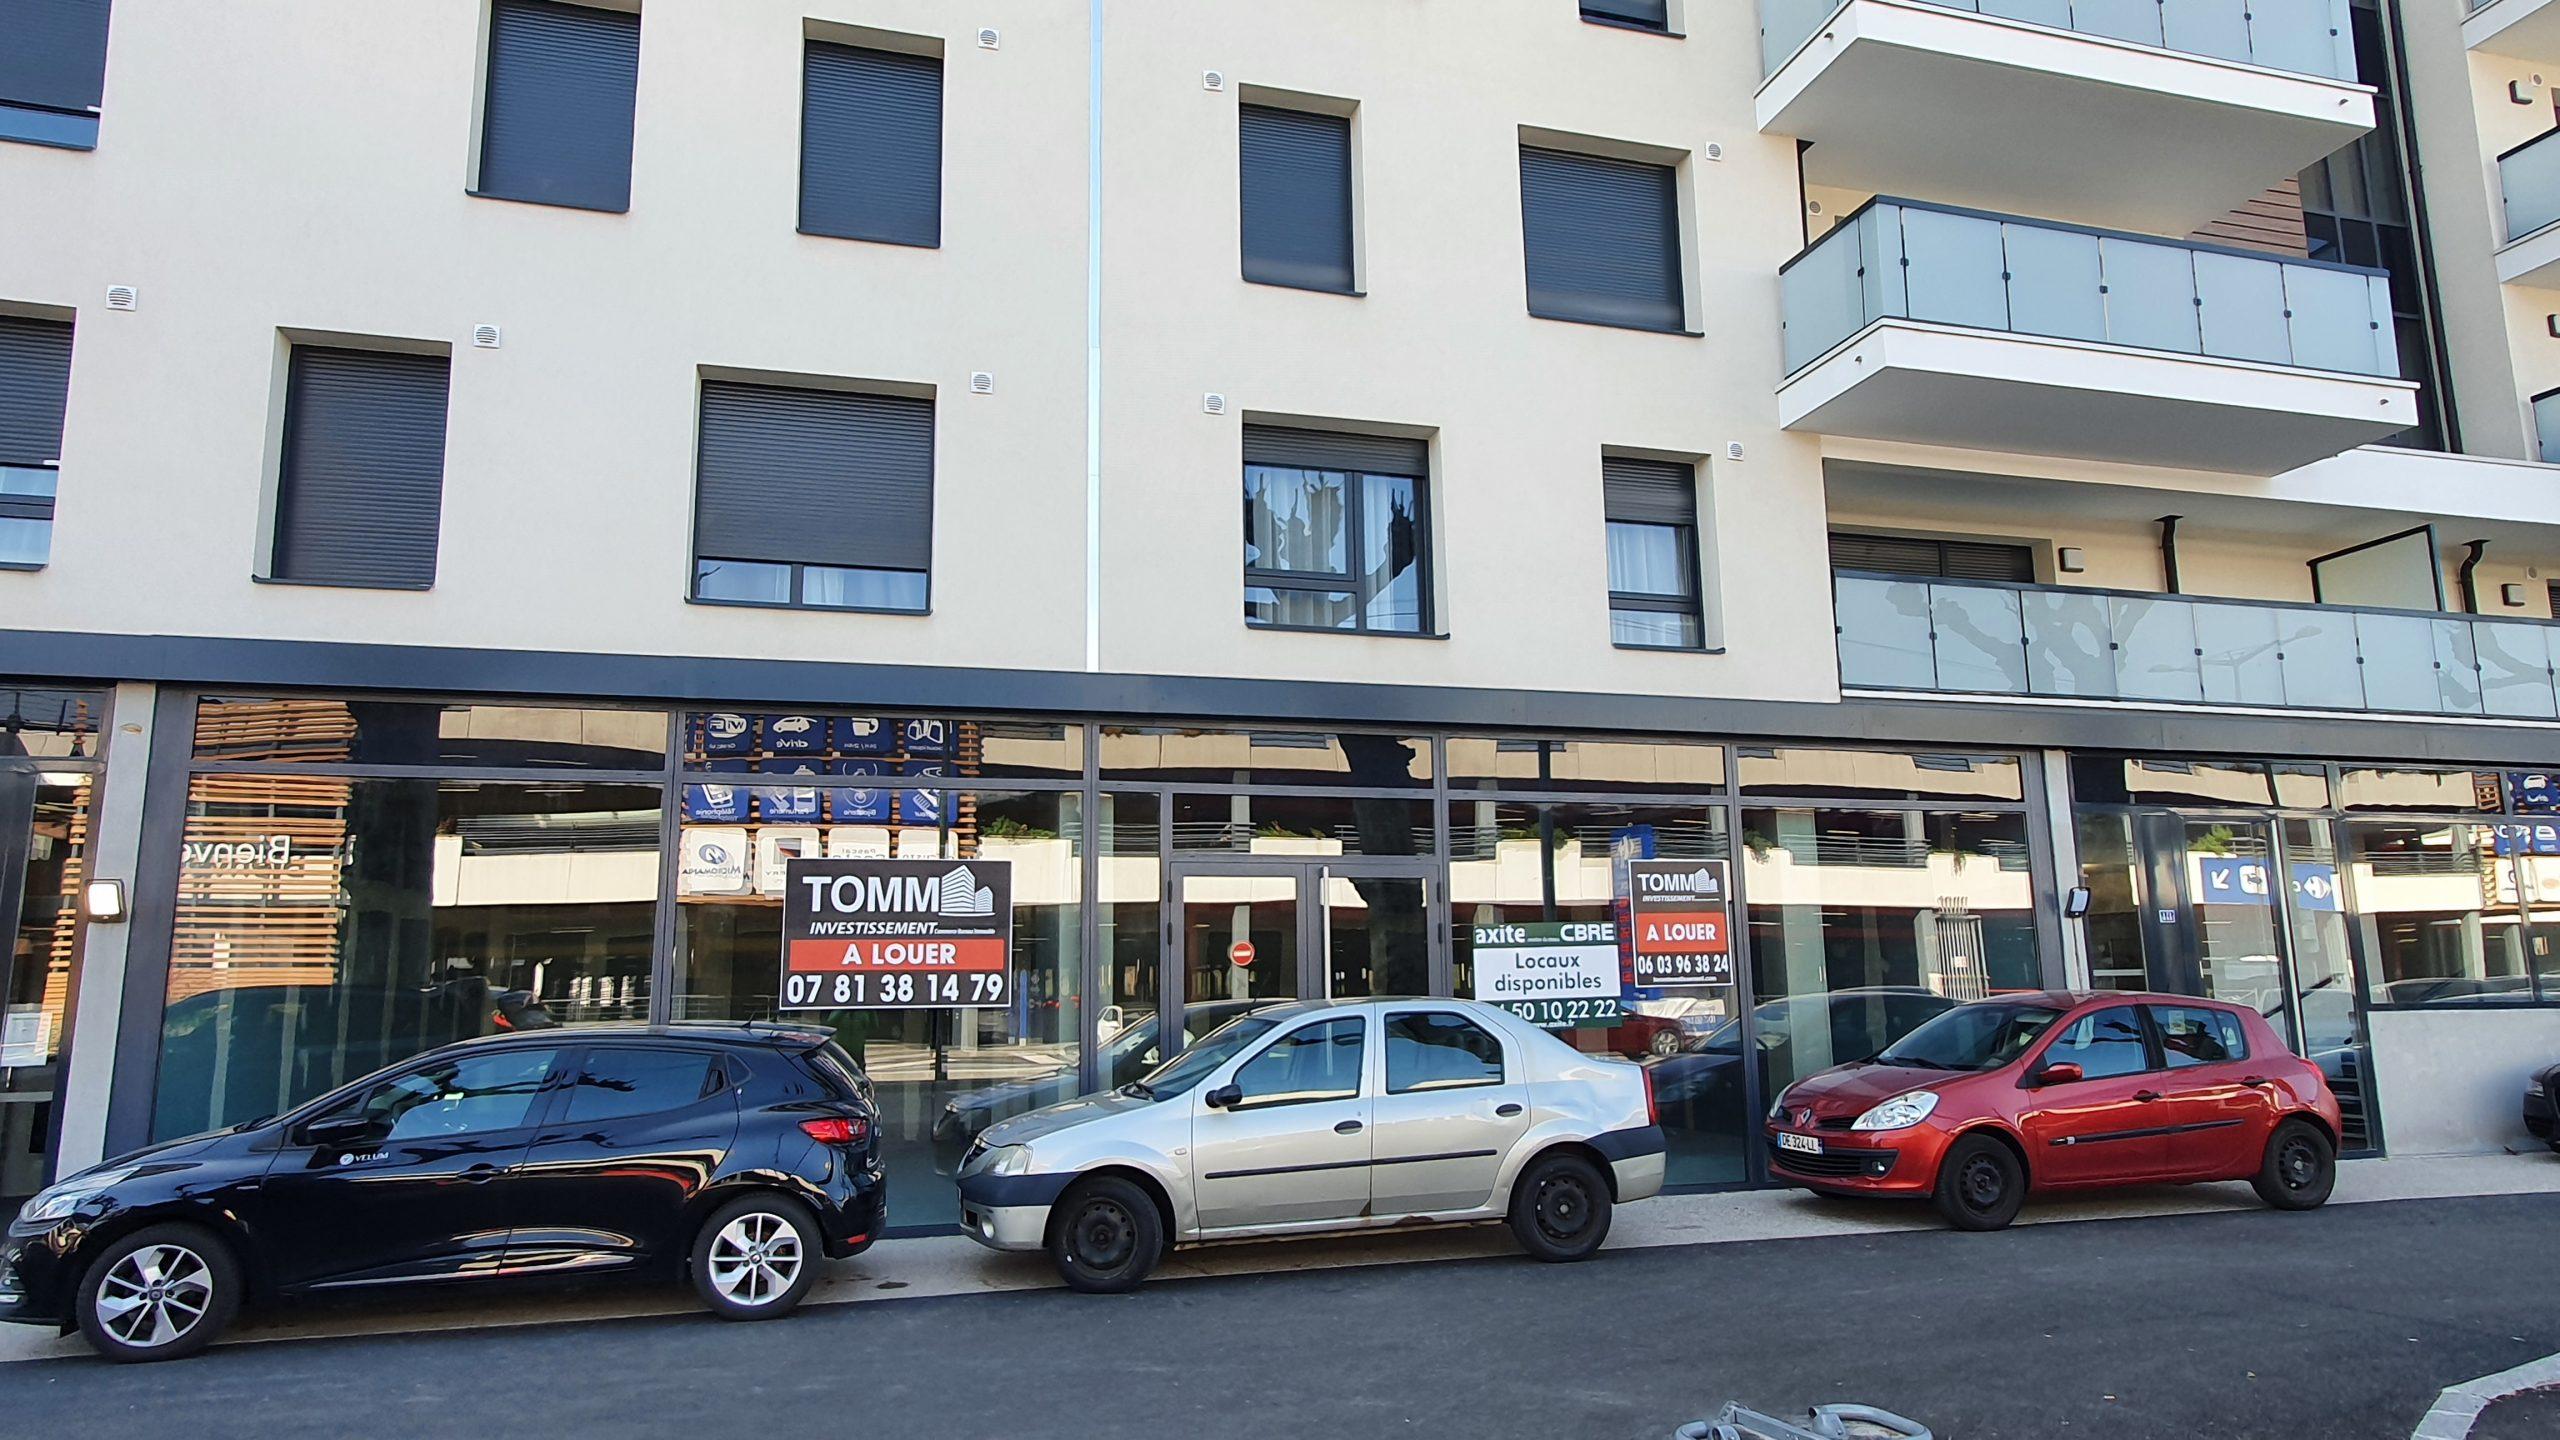 A LOUER – Local commercial – 113 m² – AVENUE DE GENEVE – ANNECY 79940